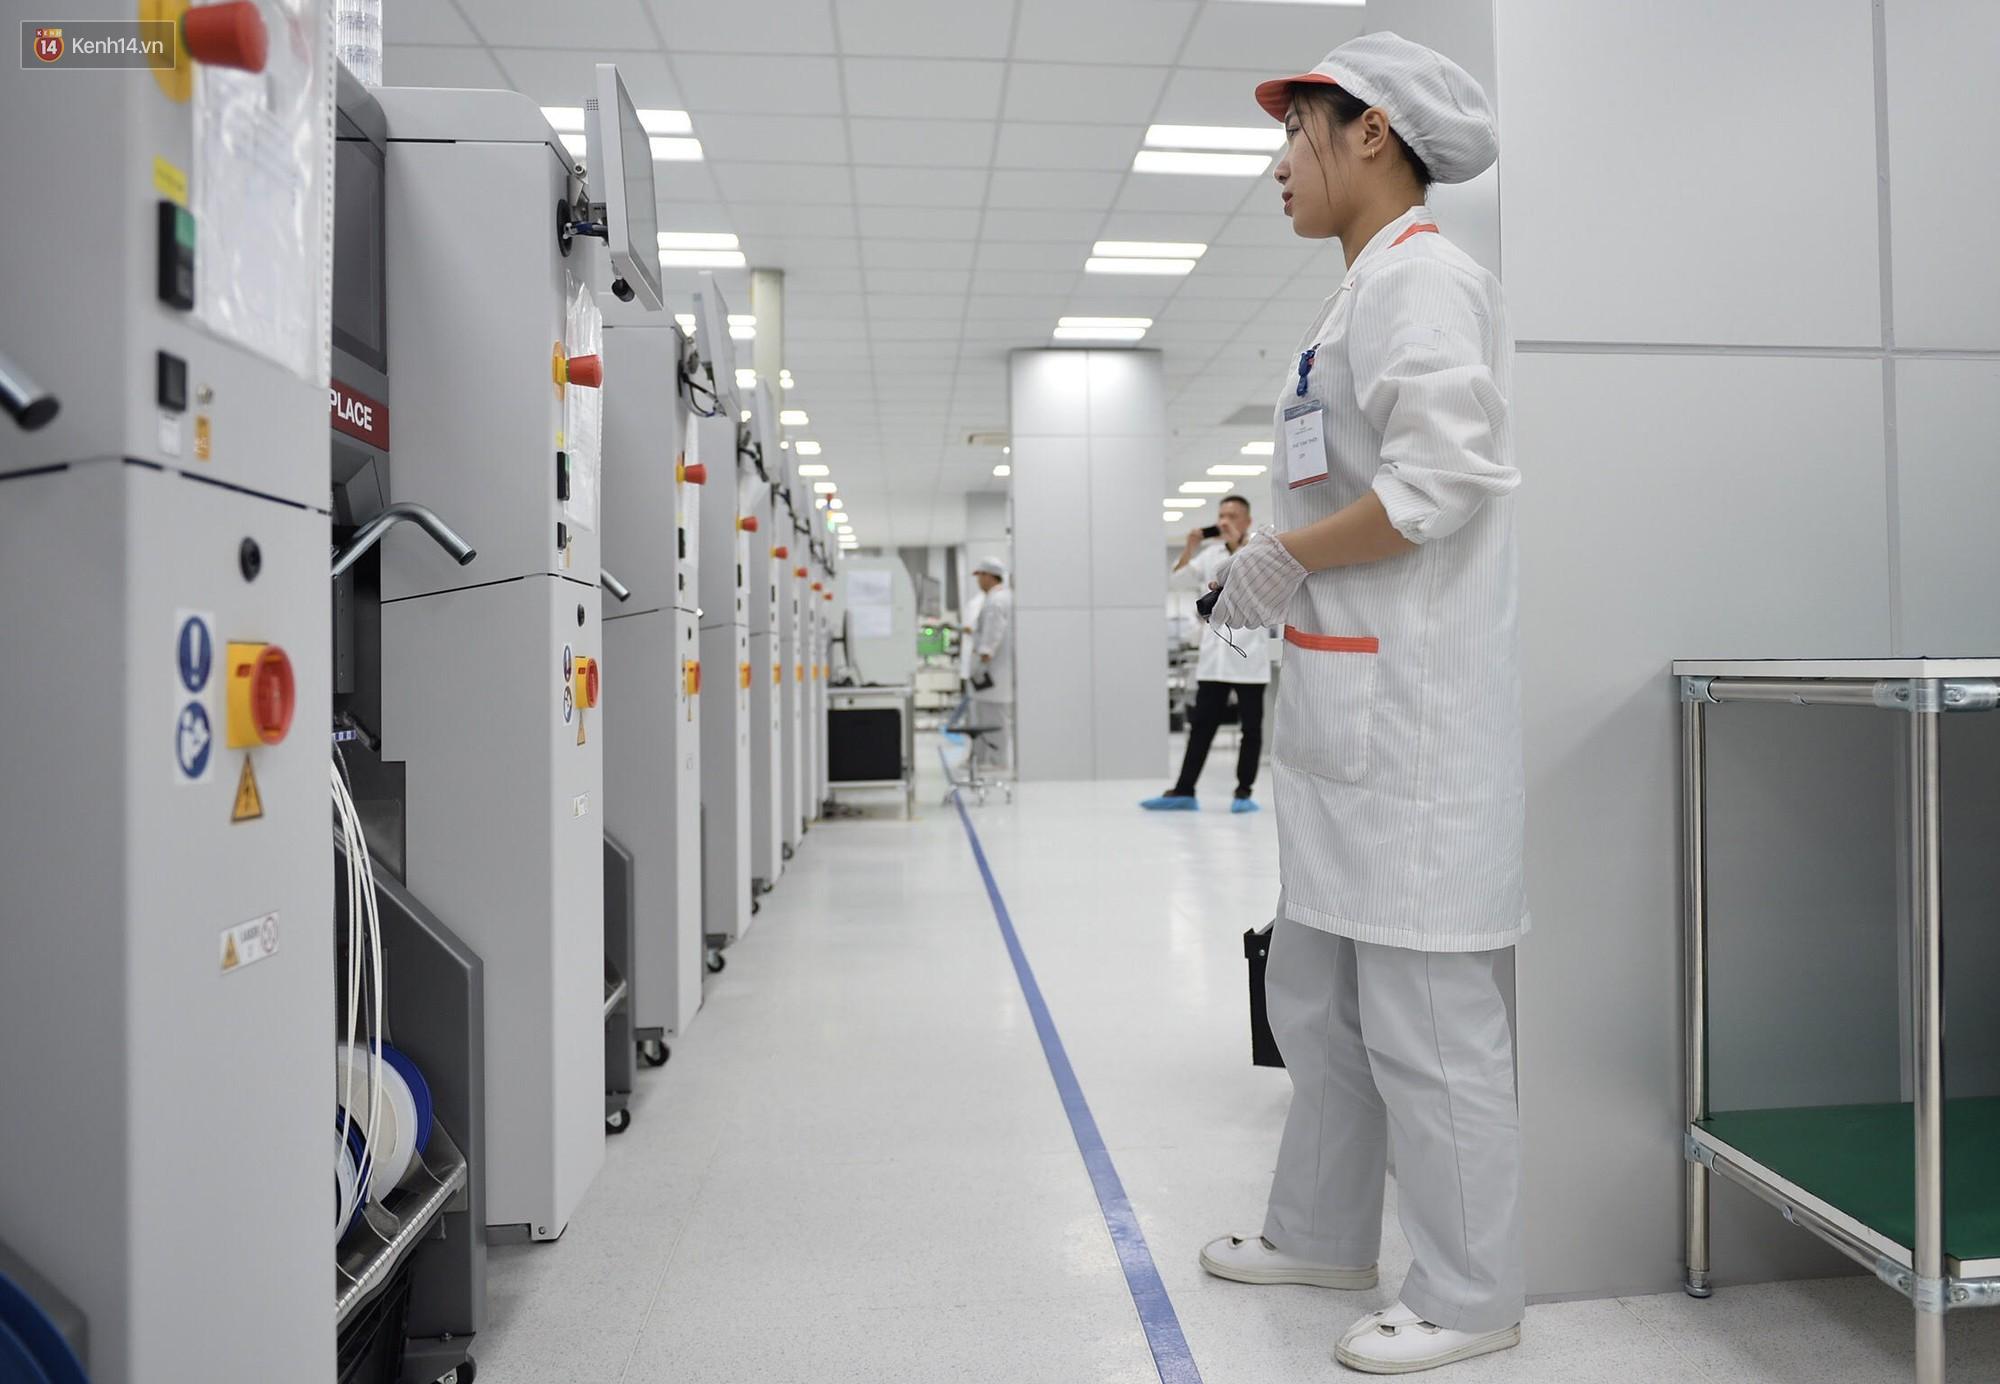 Đến thăm nhà máy sản xuất điện thoại Vsmart của Vingroup: Sang xịn mịn tiêu chuẩn quốc tế thế cơ mà! - Ảnh 7.